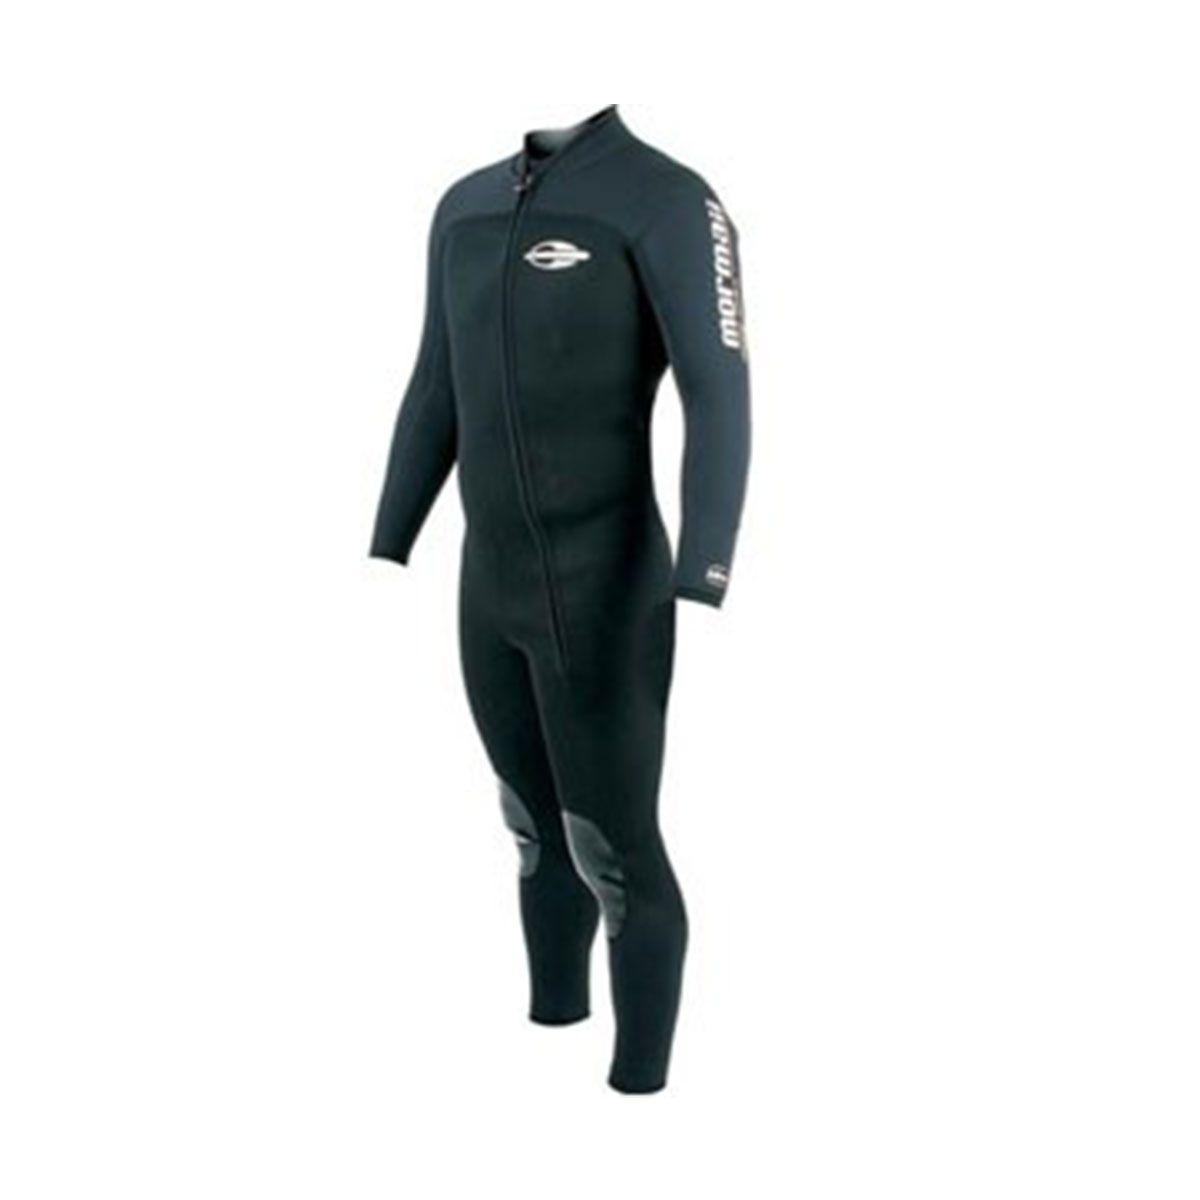 Macacão / Roupa de Mergulho Neoprene Mormaii Diving Suits